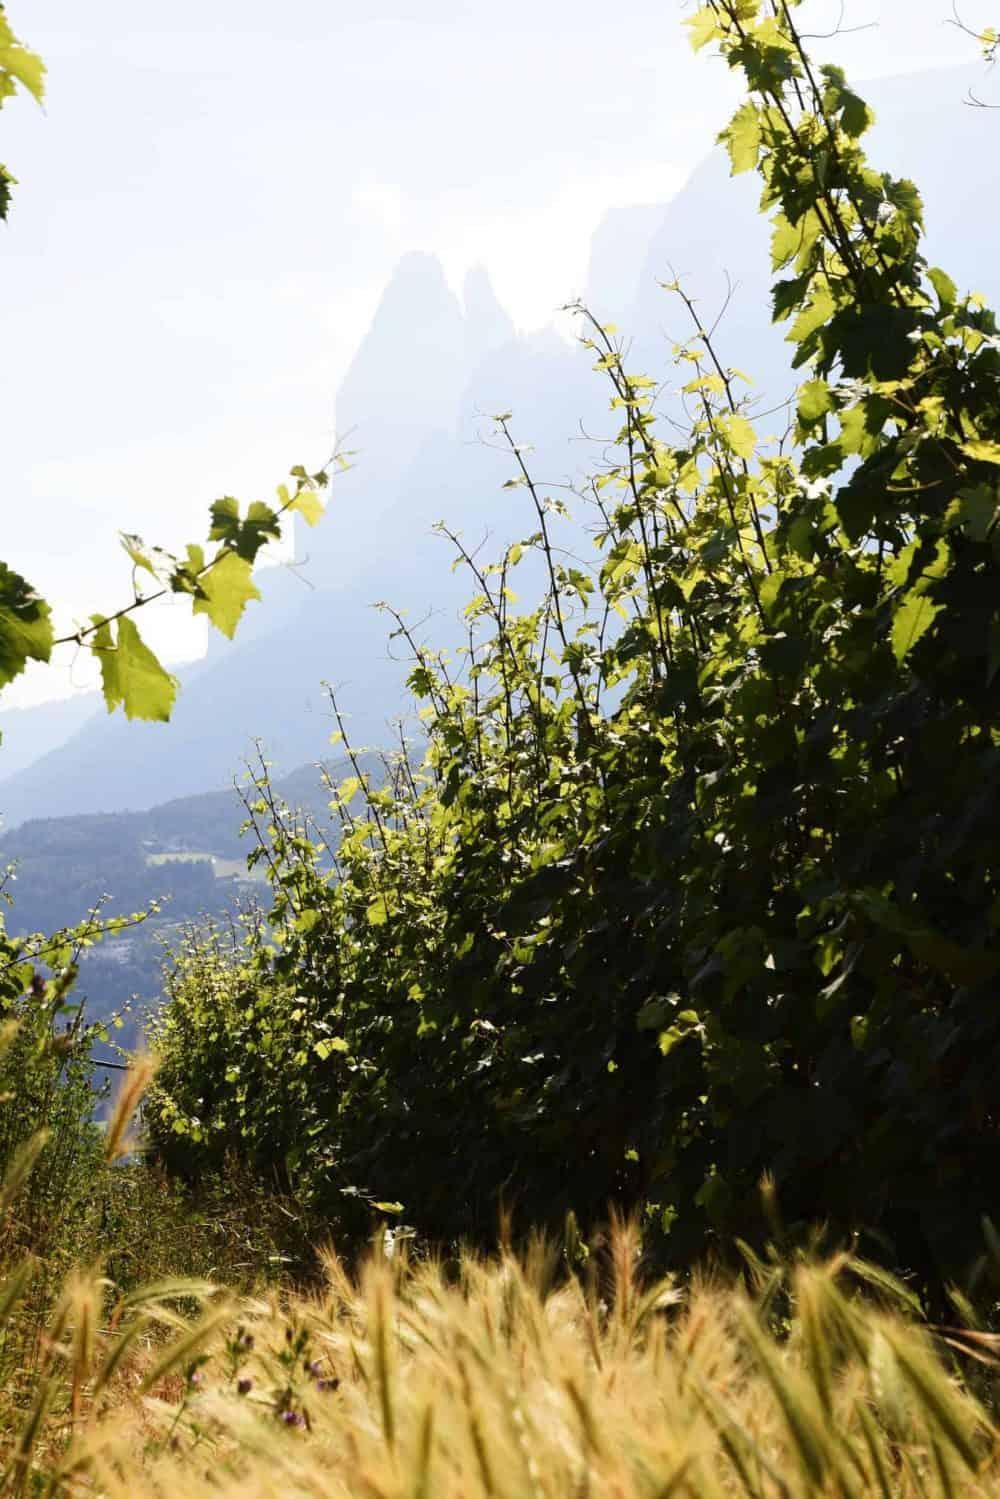 Rielingerhof mit Aussicht auf Schlern - Club Winery Südtirol